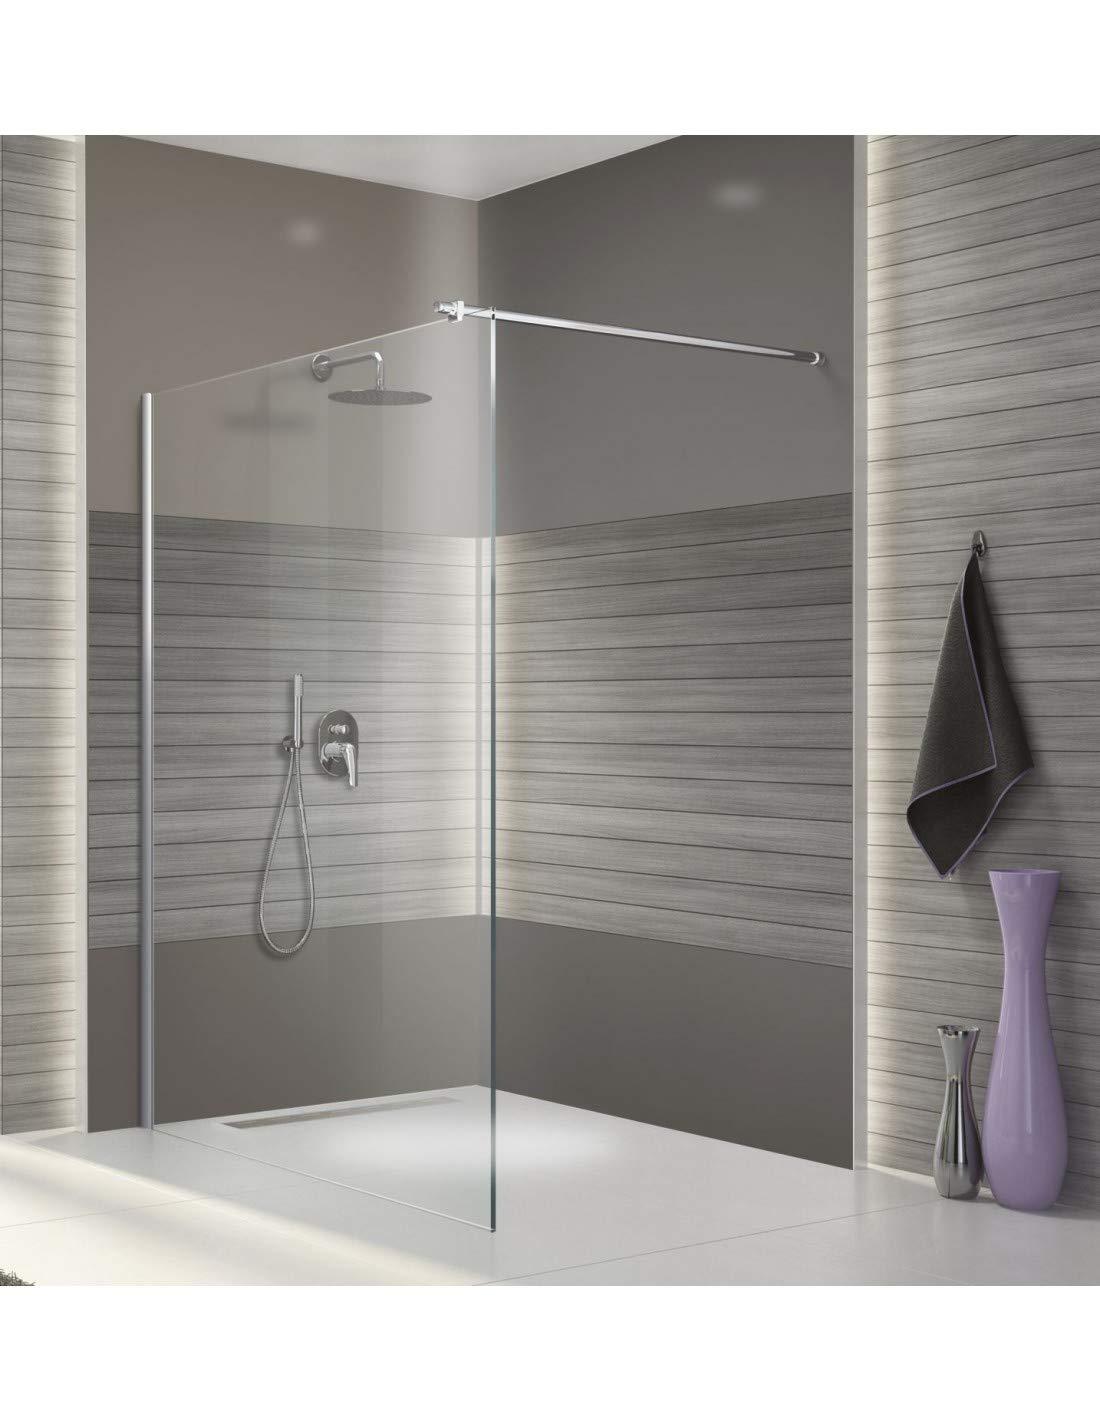 Leda – Mampara Fija ducha abierta con barra de estabilización Larg. 100 cm – Open 2: Amazon.es: Bricolaje y herramientas